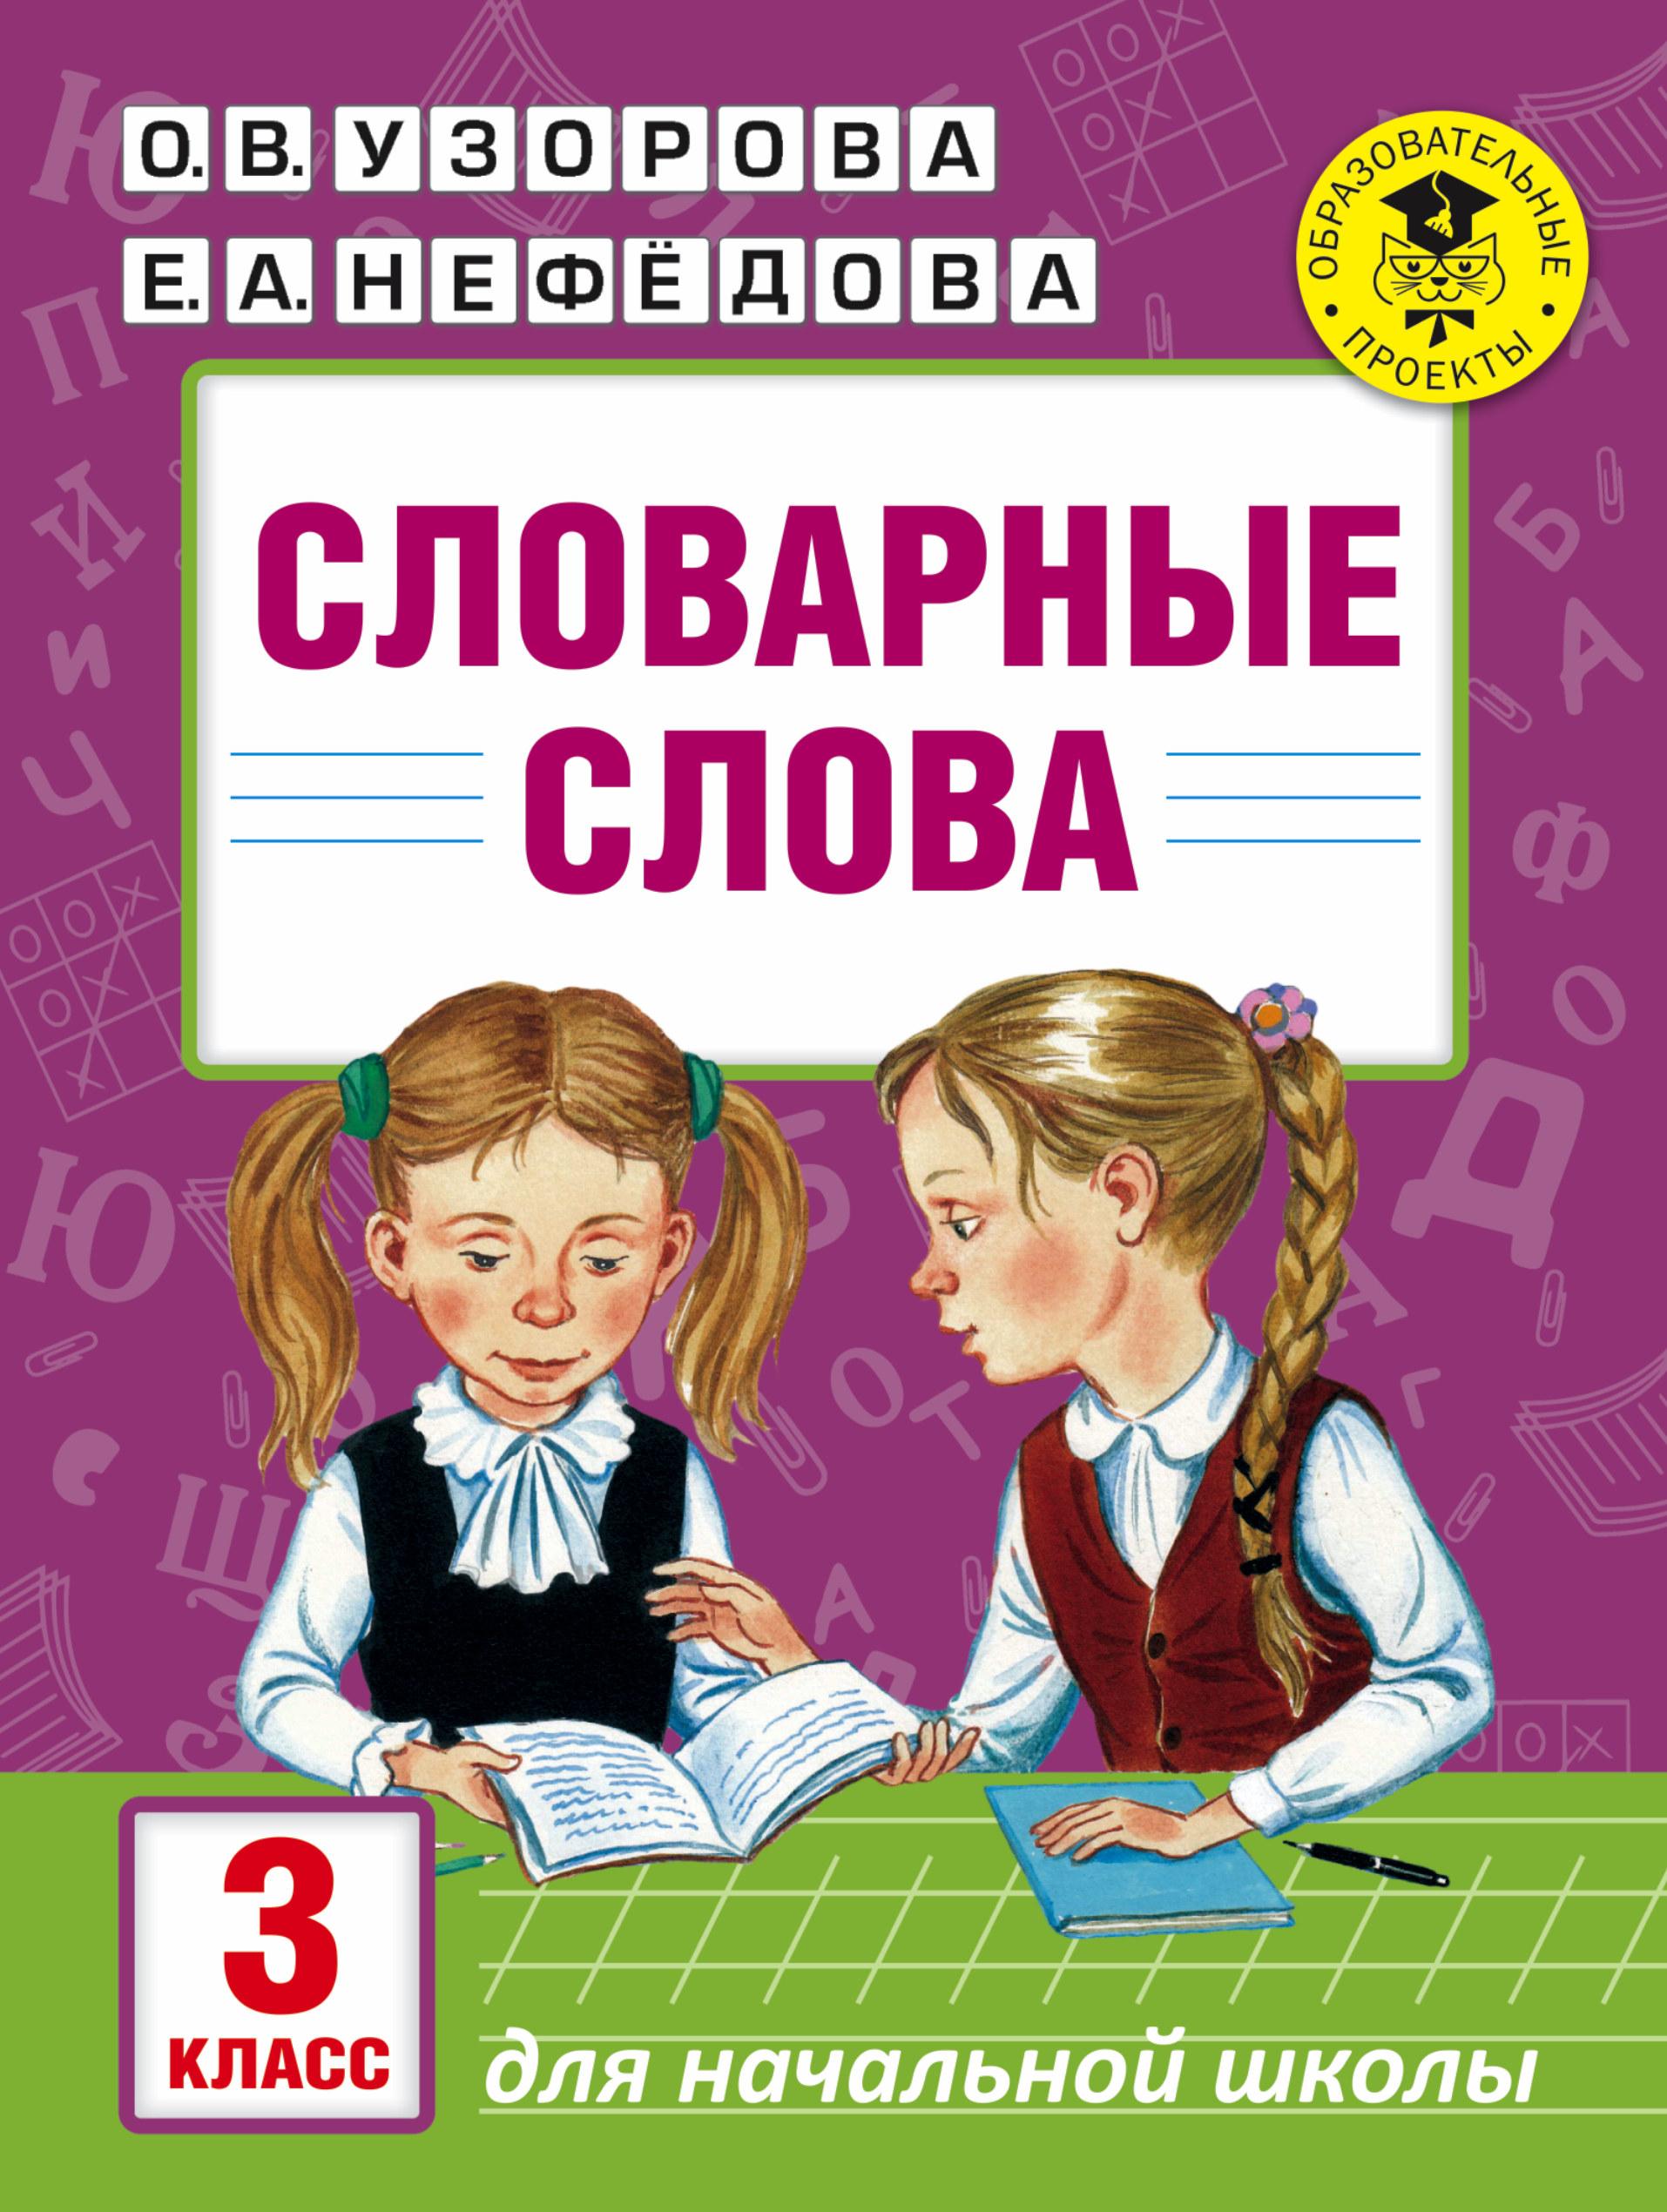 О. В. Узорова Словарные слова. 3 класс елынцева и словарные слова 3 класс